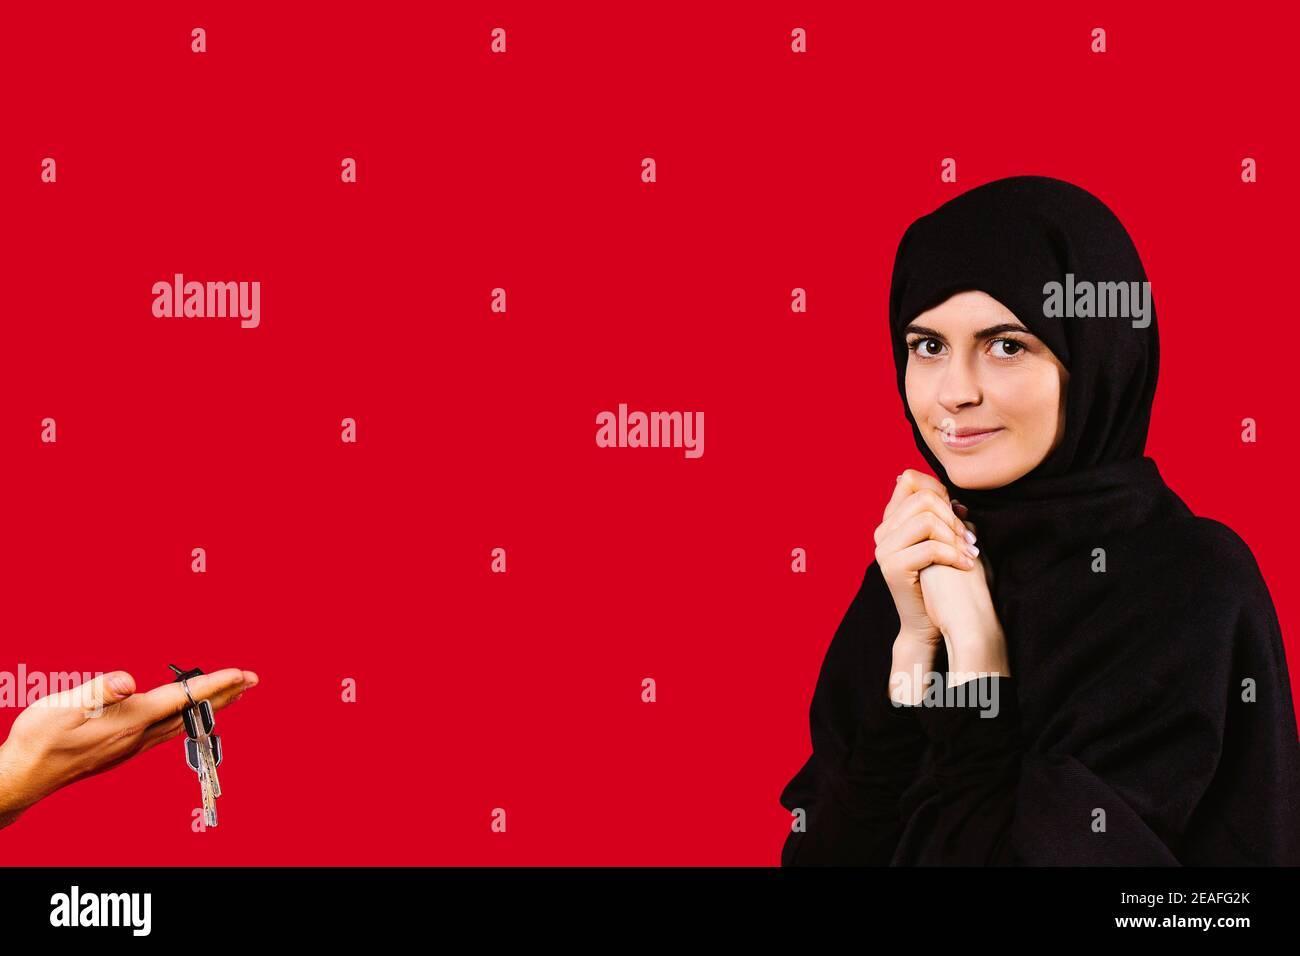 Chica joven sorprendida en negro hijab mira la cámara. La mano de un hombre sostiene las llaves del apartamento. Regalo para mujeres musulmanas sobre fondo rojo. Foto de stock